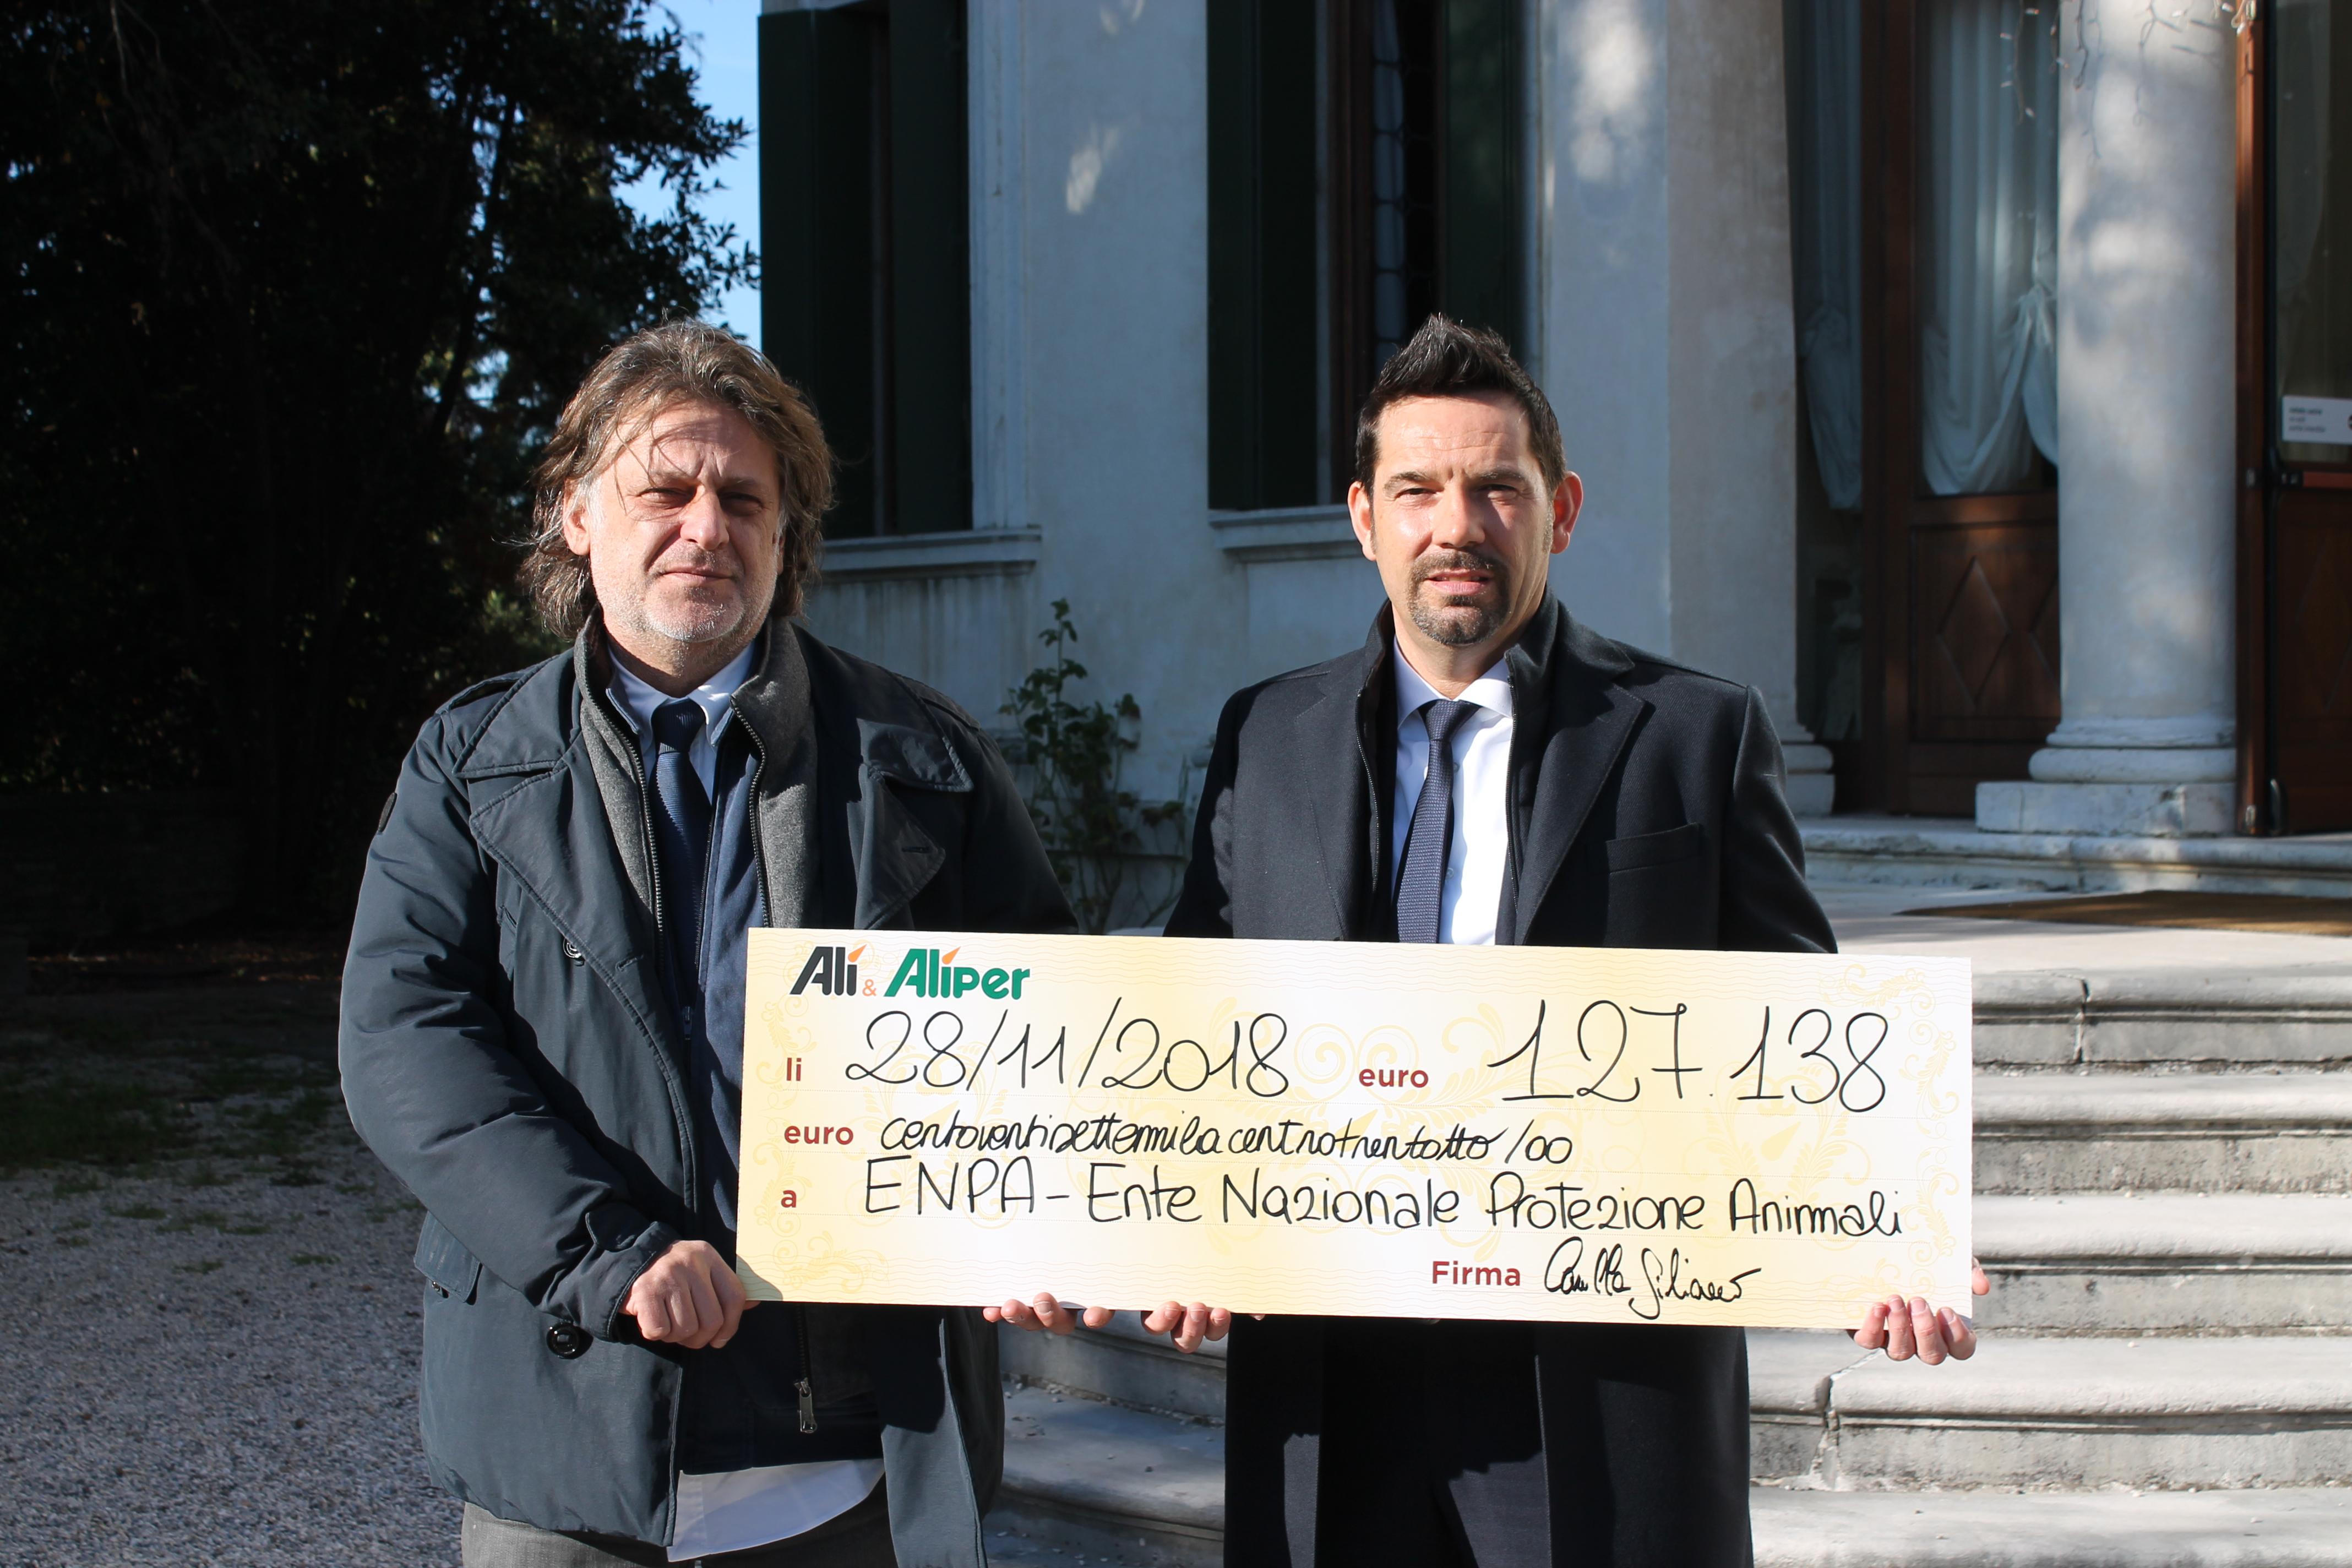 Record di Solidarietà: 127.138 € donati dai clienti Alì ad ENPA